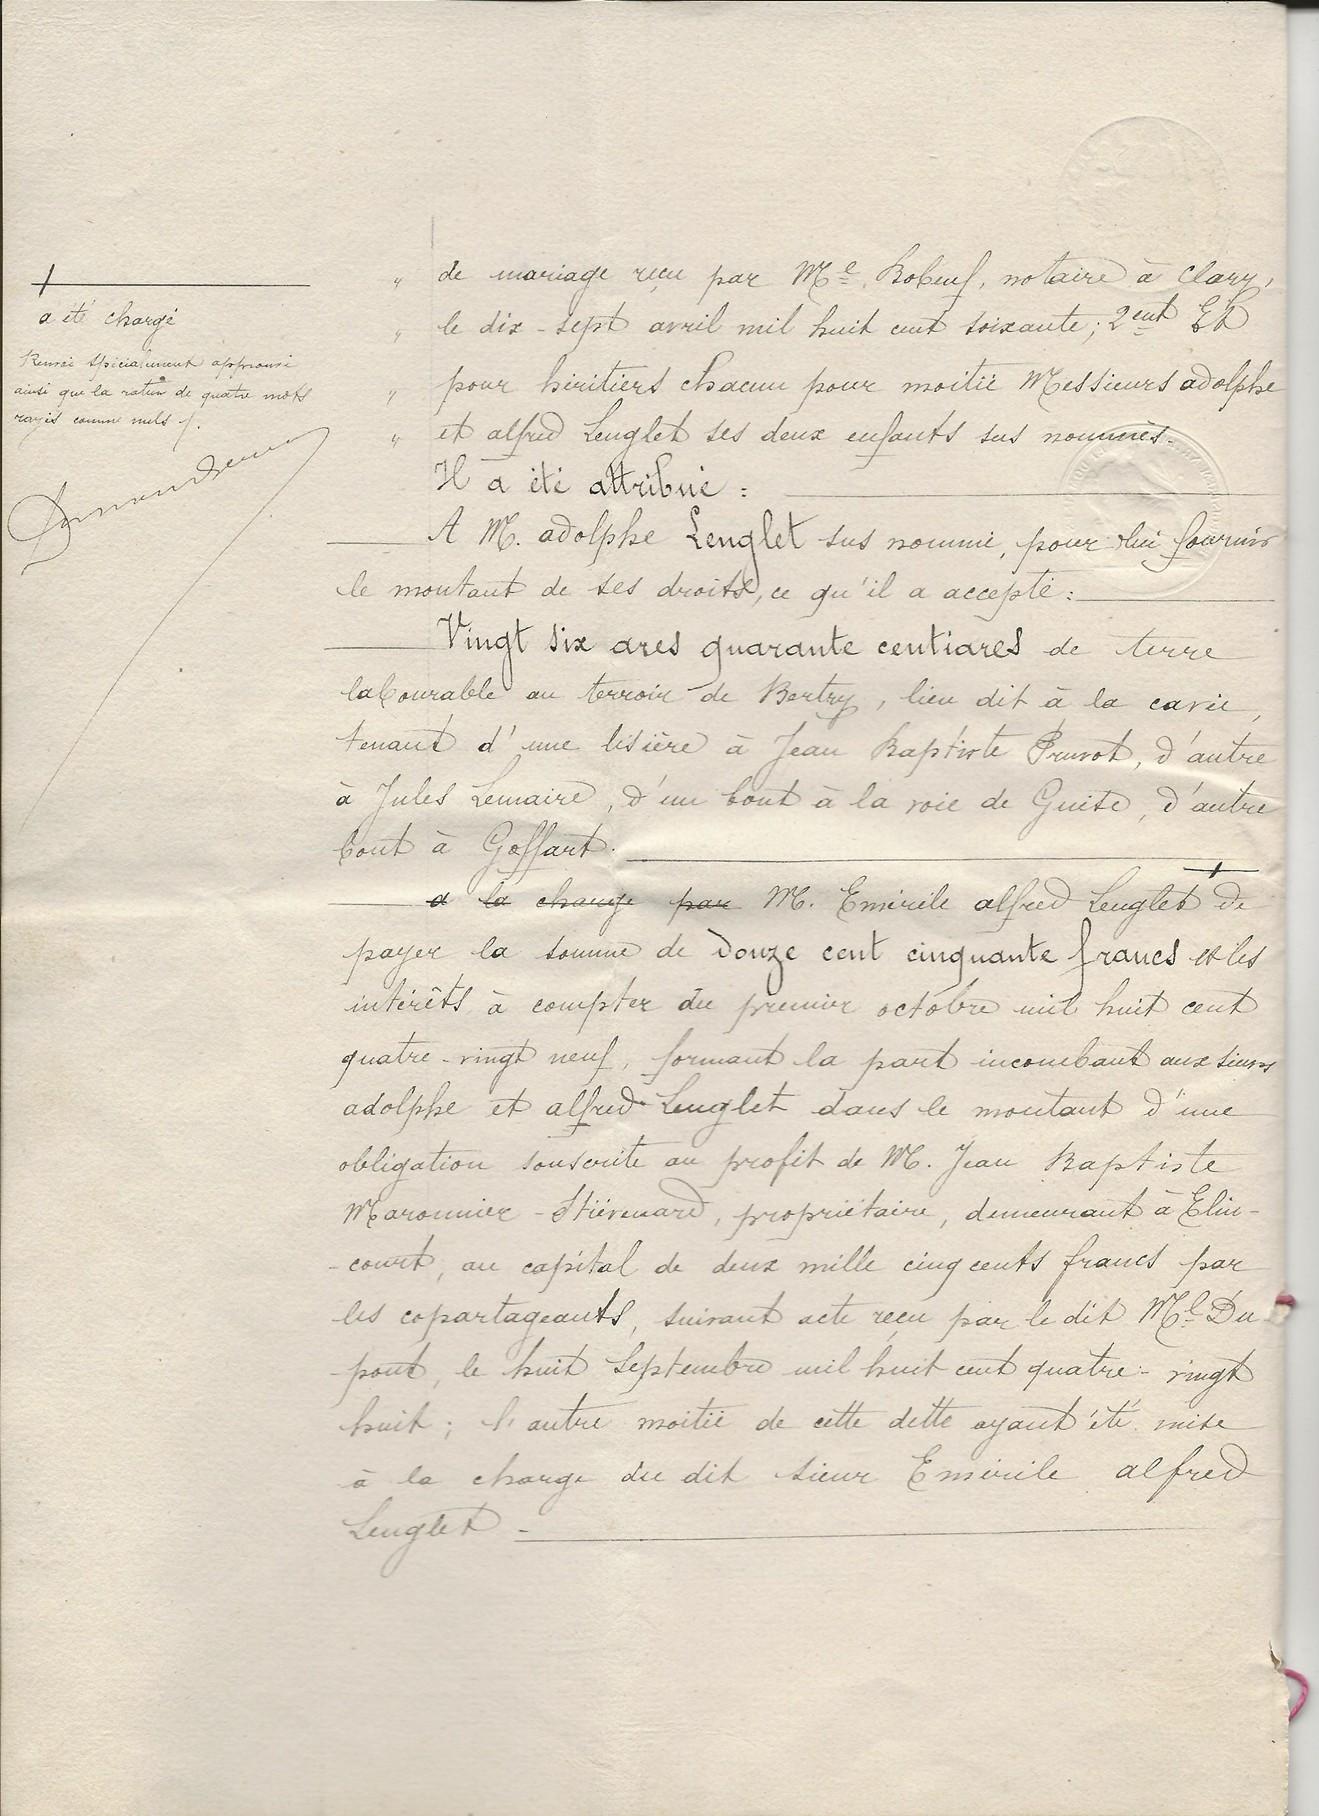 1889 succession de appolonie pruvot epouse lenglet emerile 002